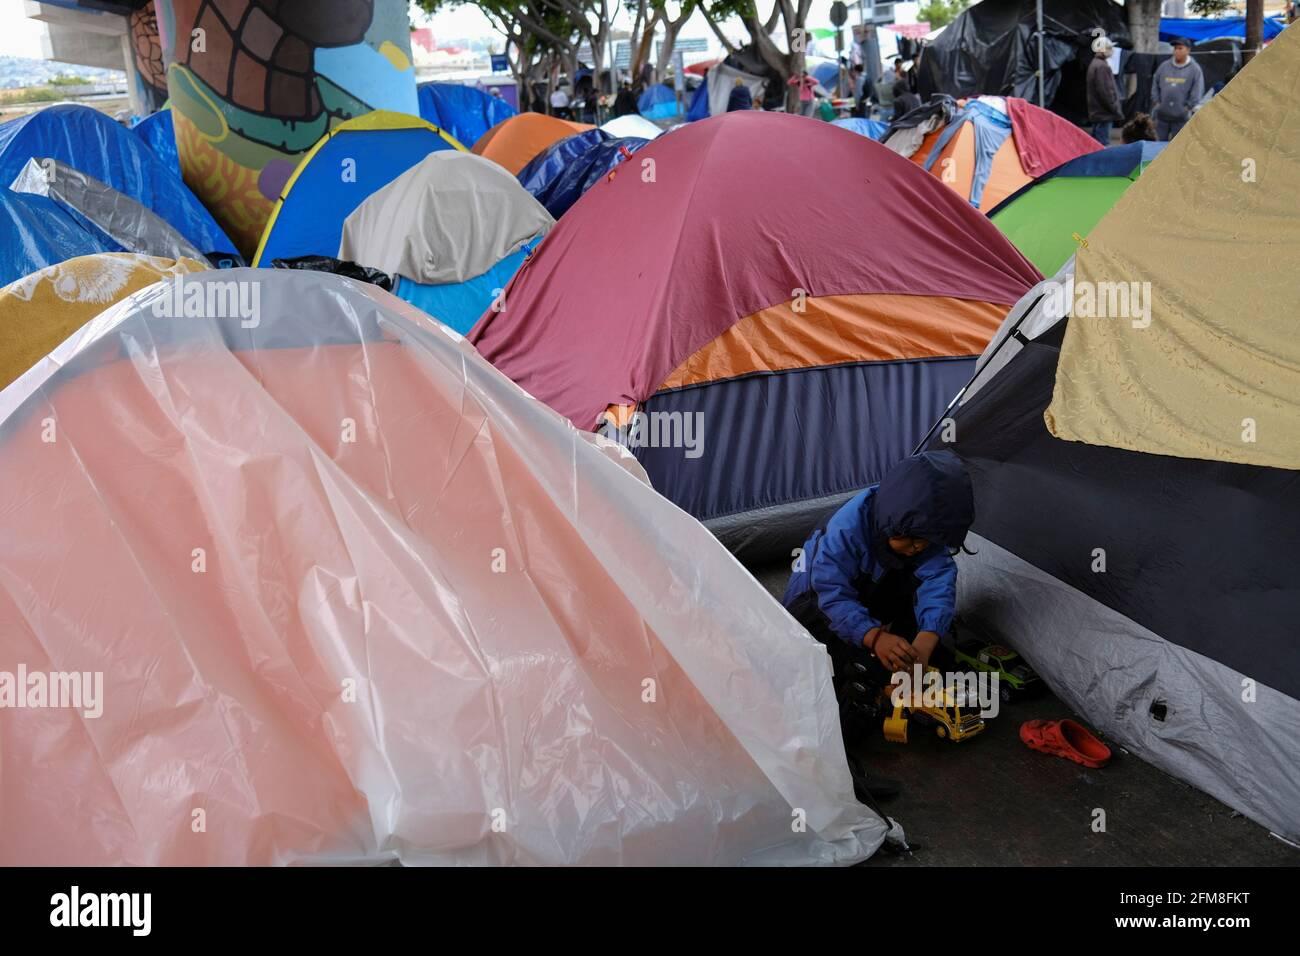 Ein Migrantenkind spielt mit Spielzeugautos in einem provisorischen Lager am Grenzhafen von El Chaparral, der in die USA einführt, in Tijuana, Mexiko, am 23. April 2021. Bild aufgenommen am 23. April 2021. REUTERS/Toya Sarno Jordan Stockfoto